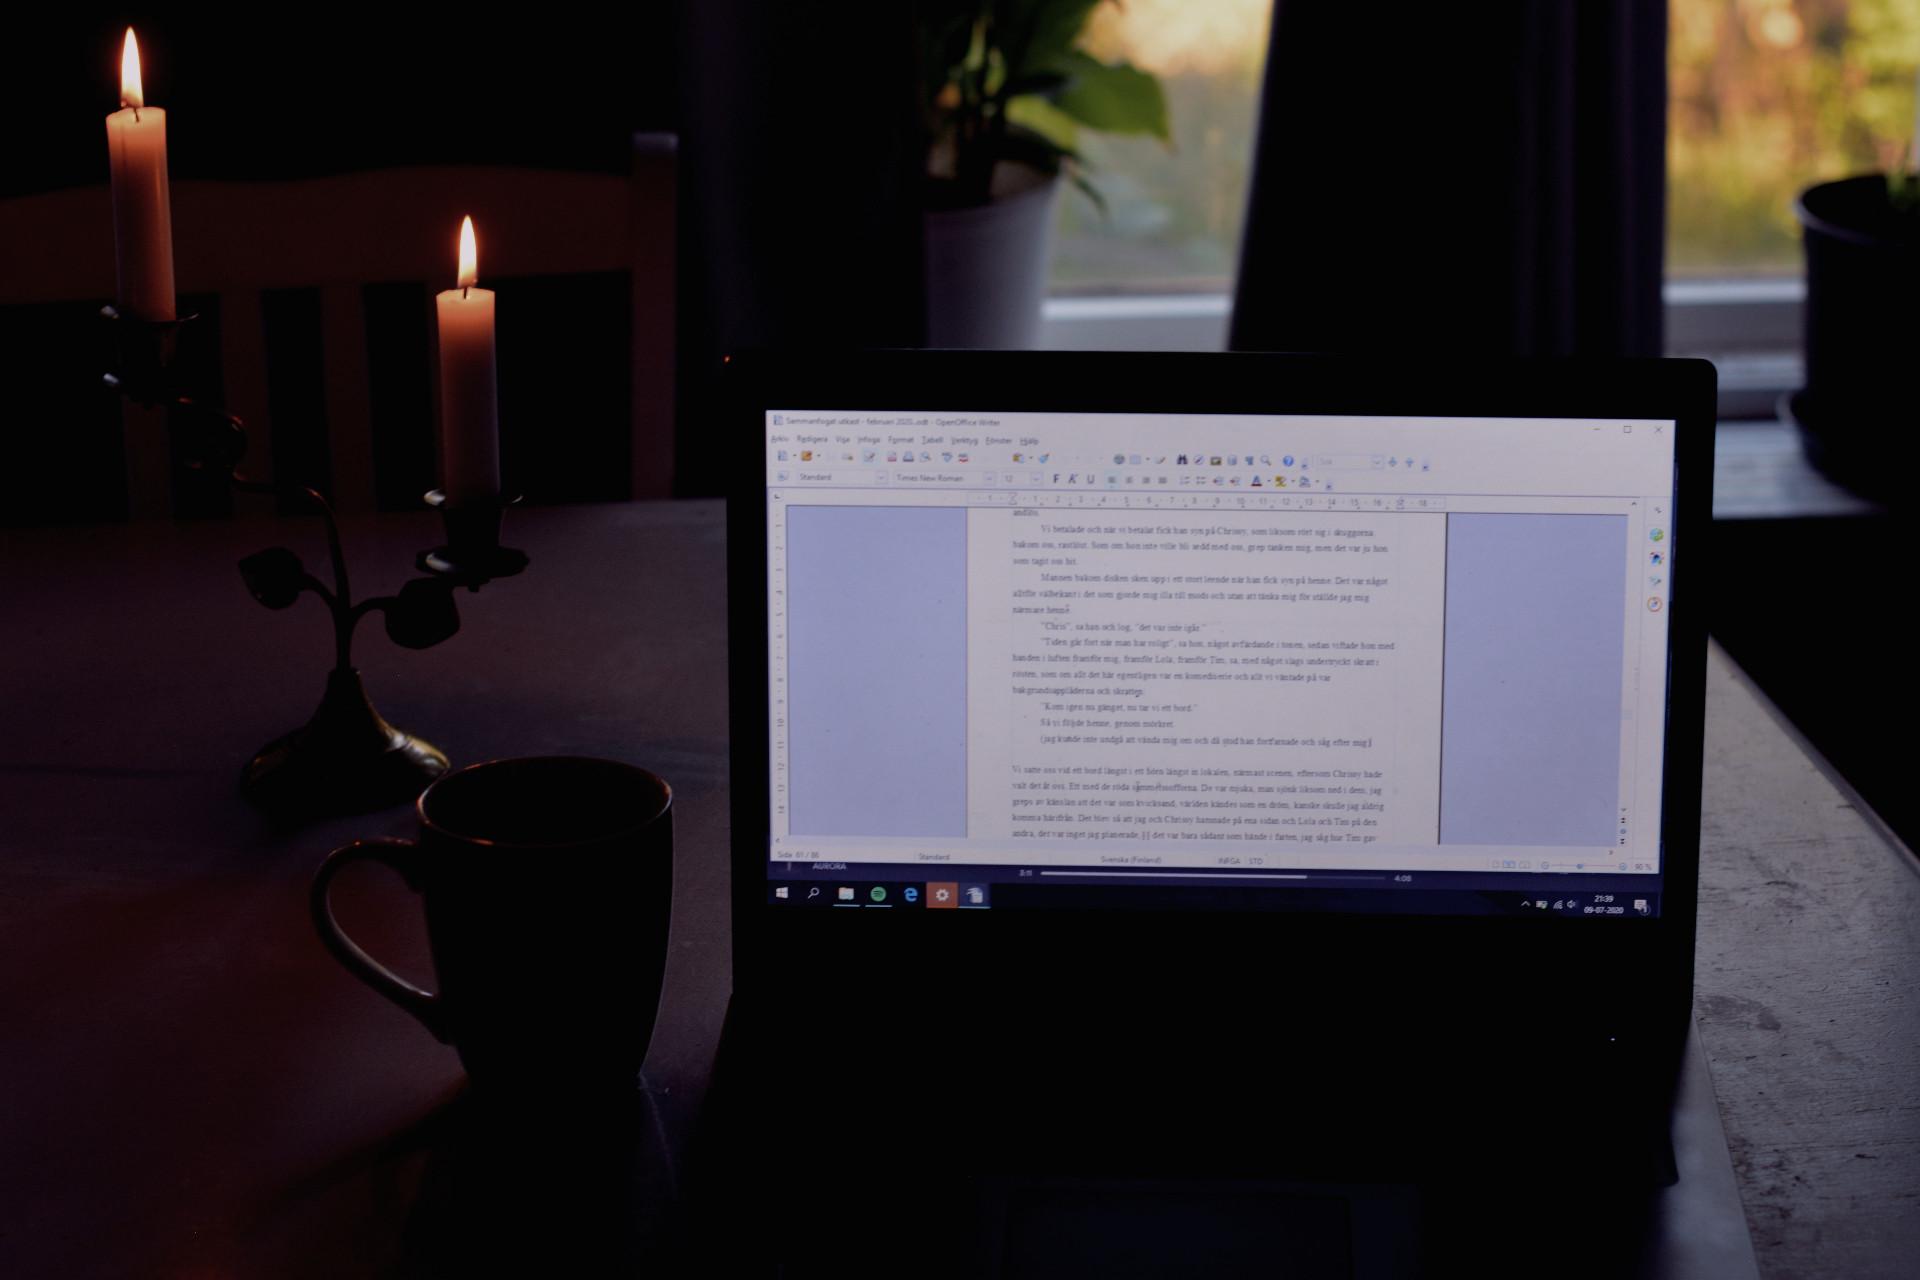 Skriva på en laptop med levande ljus